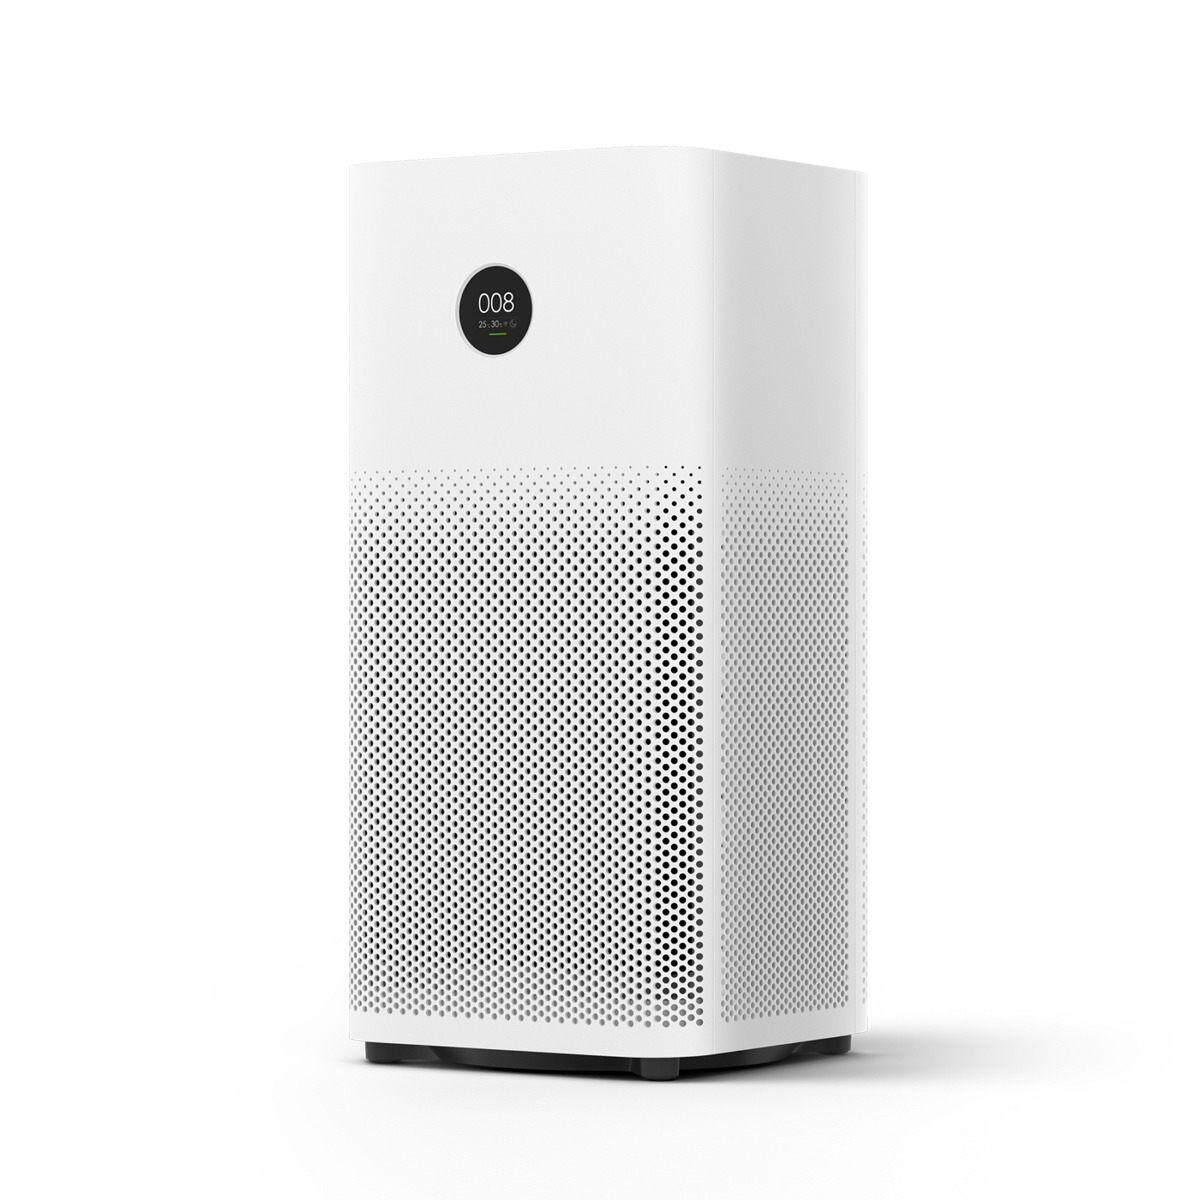 สินเชื่อบุคคลซิตี้  กำแพงเพชร เครื่องฟอกอากาศ Xiaomi Air Purifier 2s (CN)